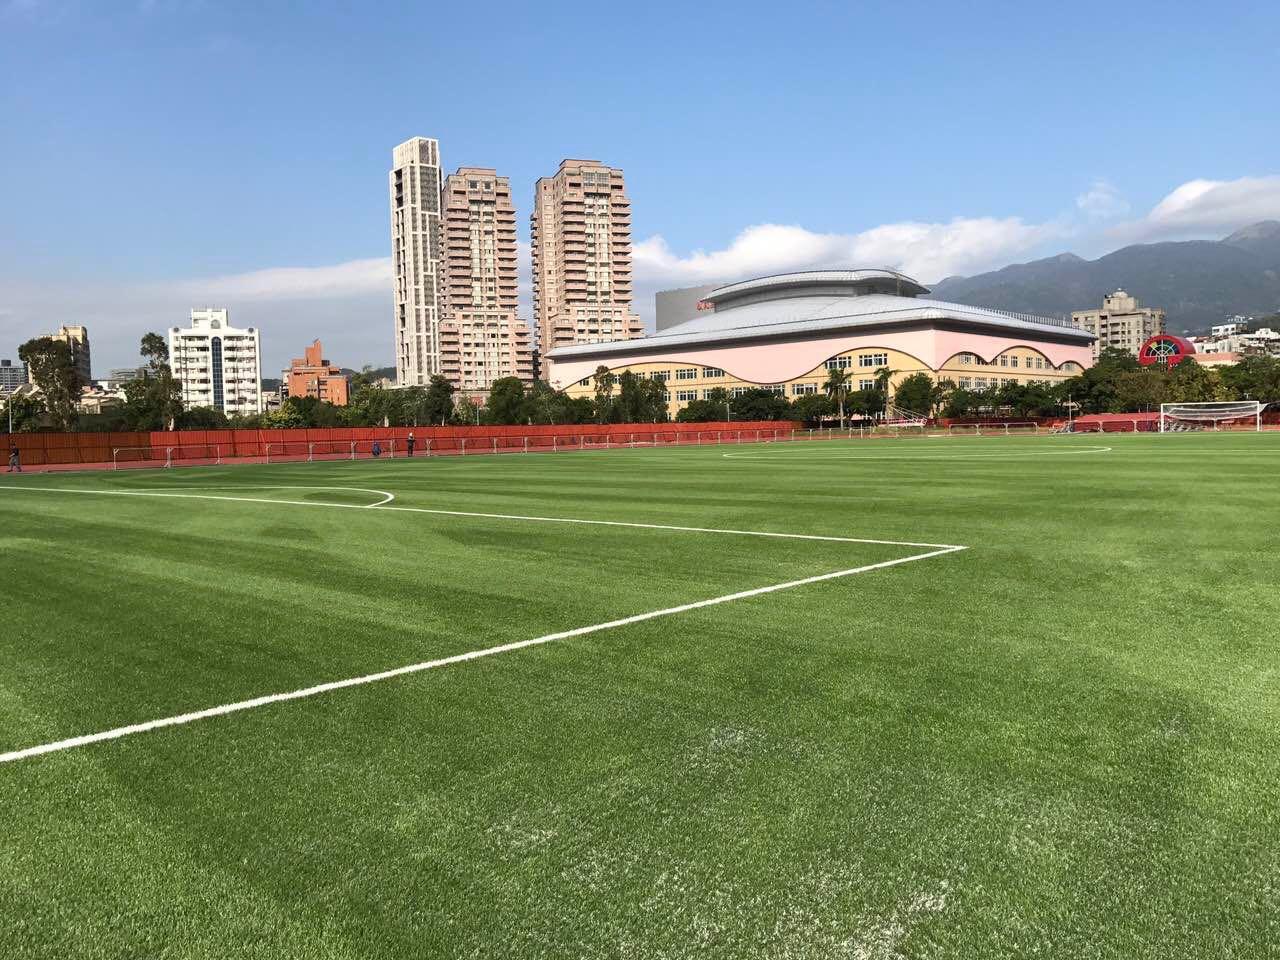 CCGrass césped artificial de calidad FIFA de la Universiada de verano